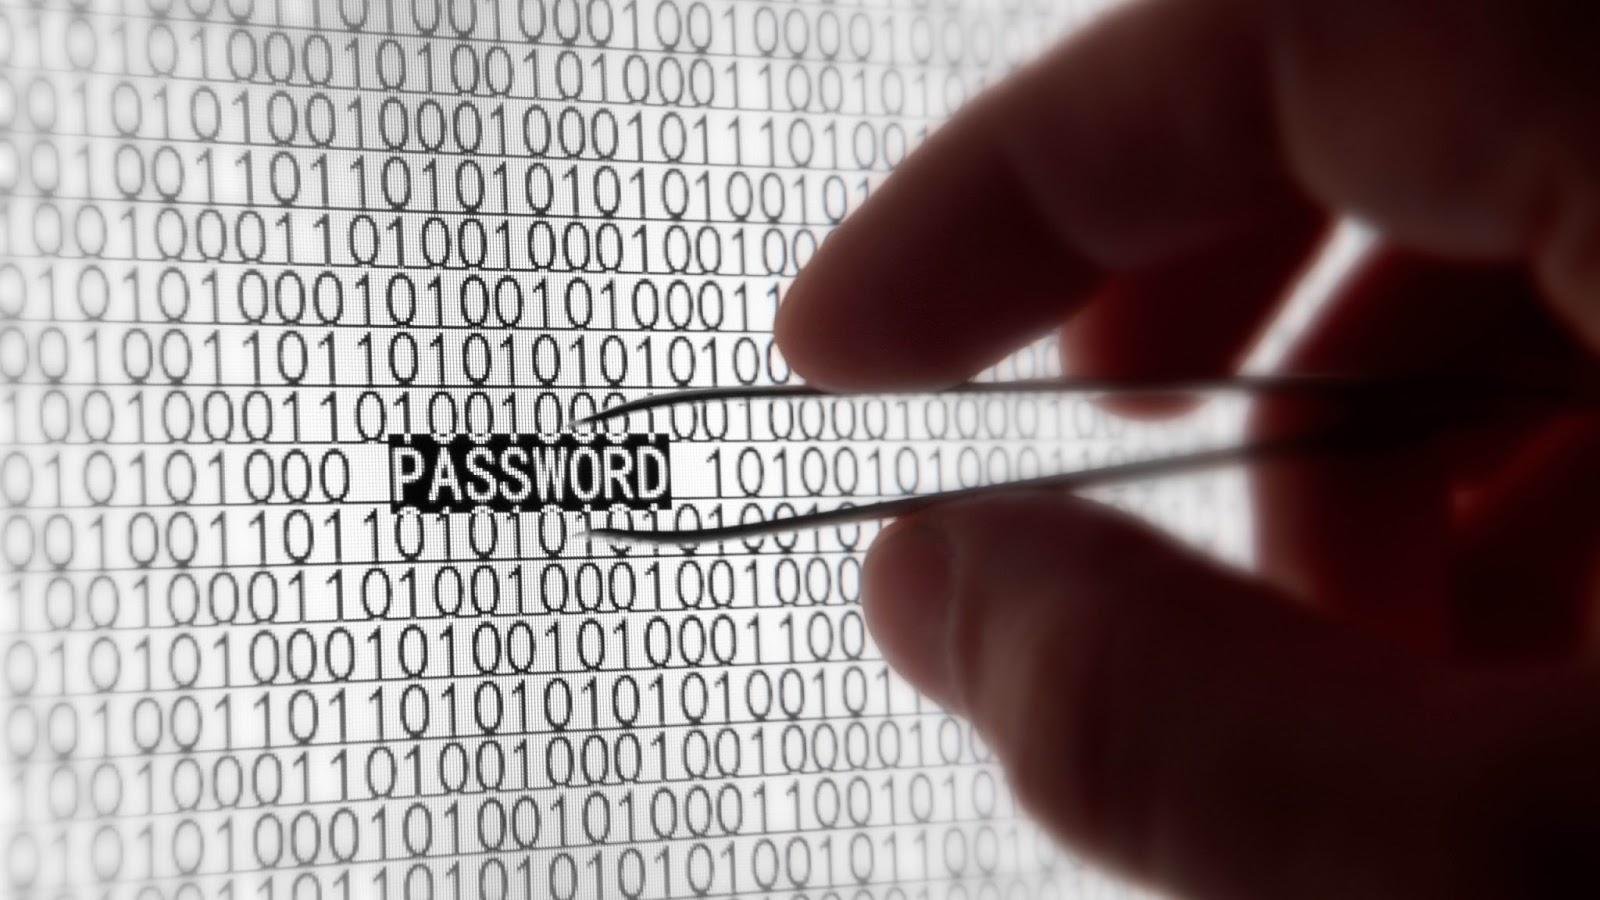 Les internautes connaissent désormais le mot de passe du Président du Kosovo